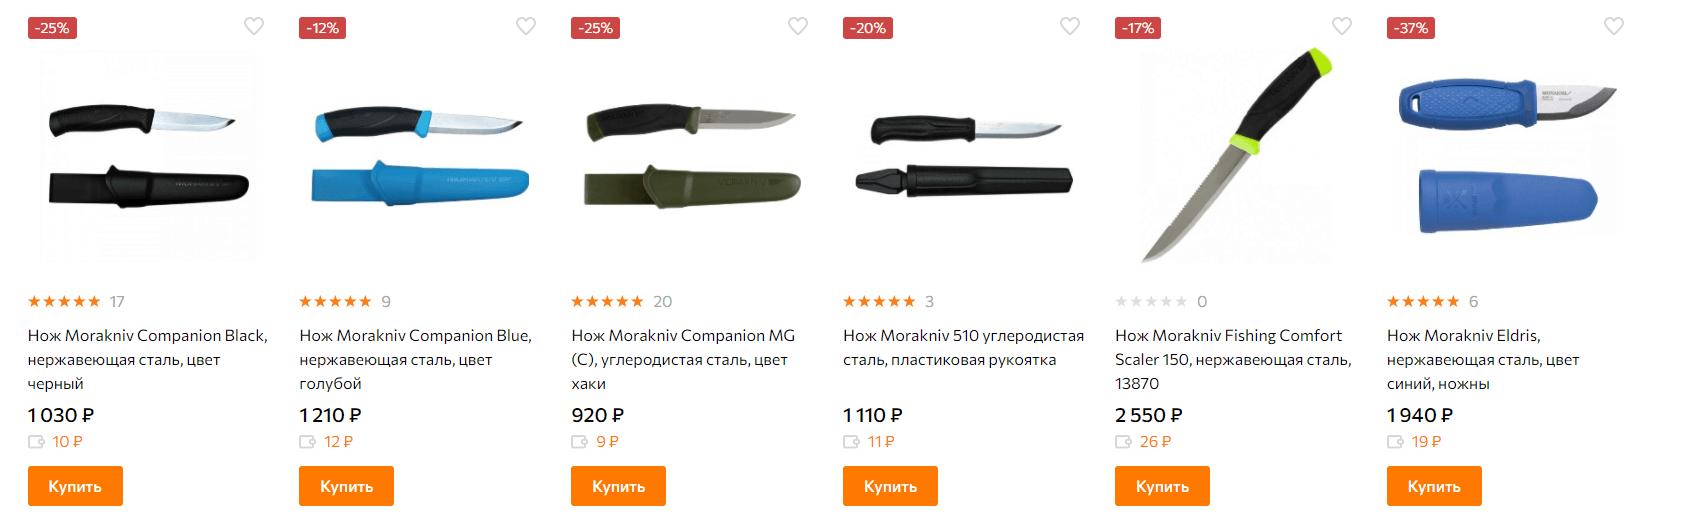 Mora knives